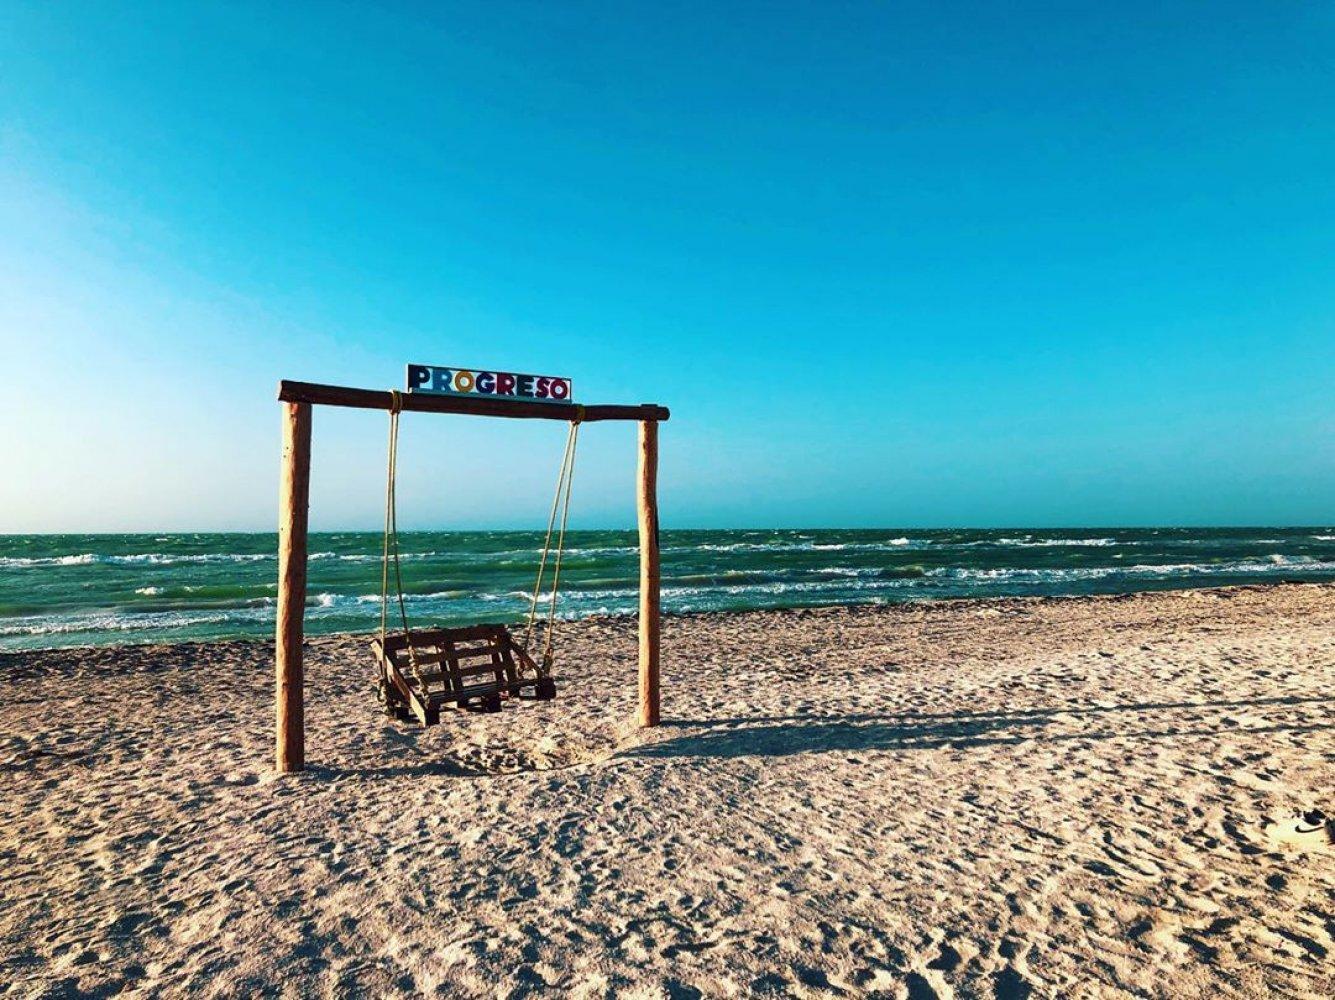 Entre las playas de Yucatán más bellas está Progreso.